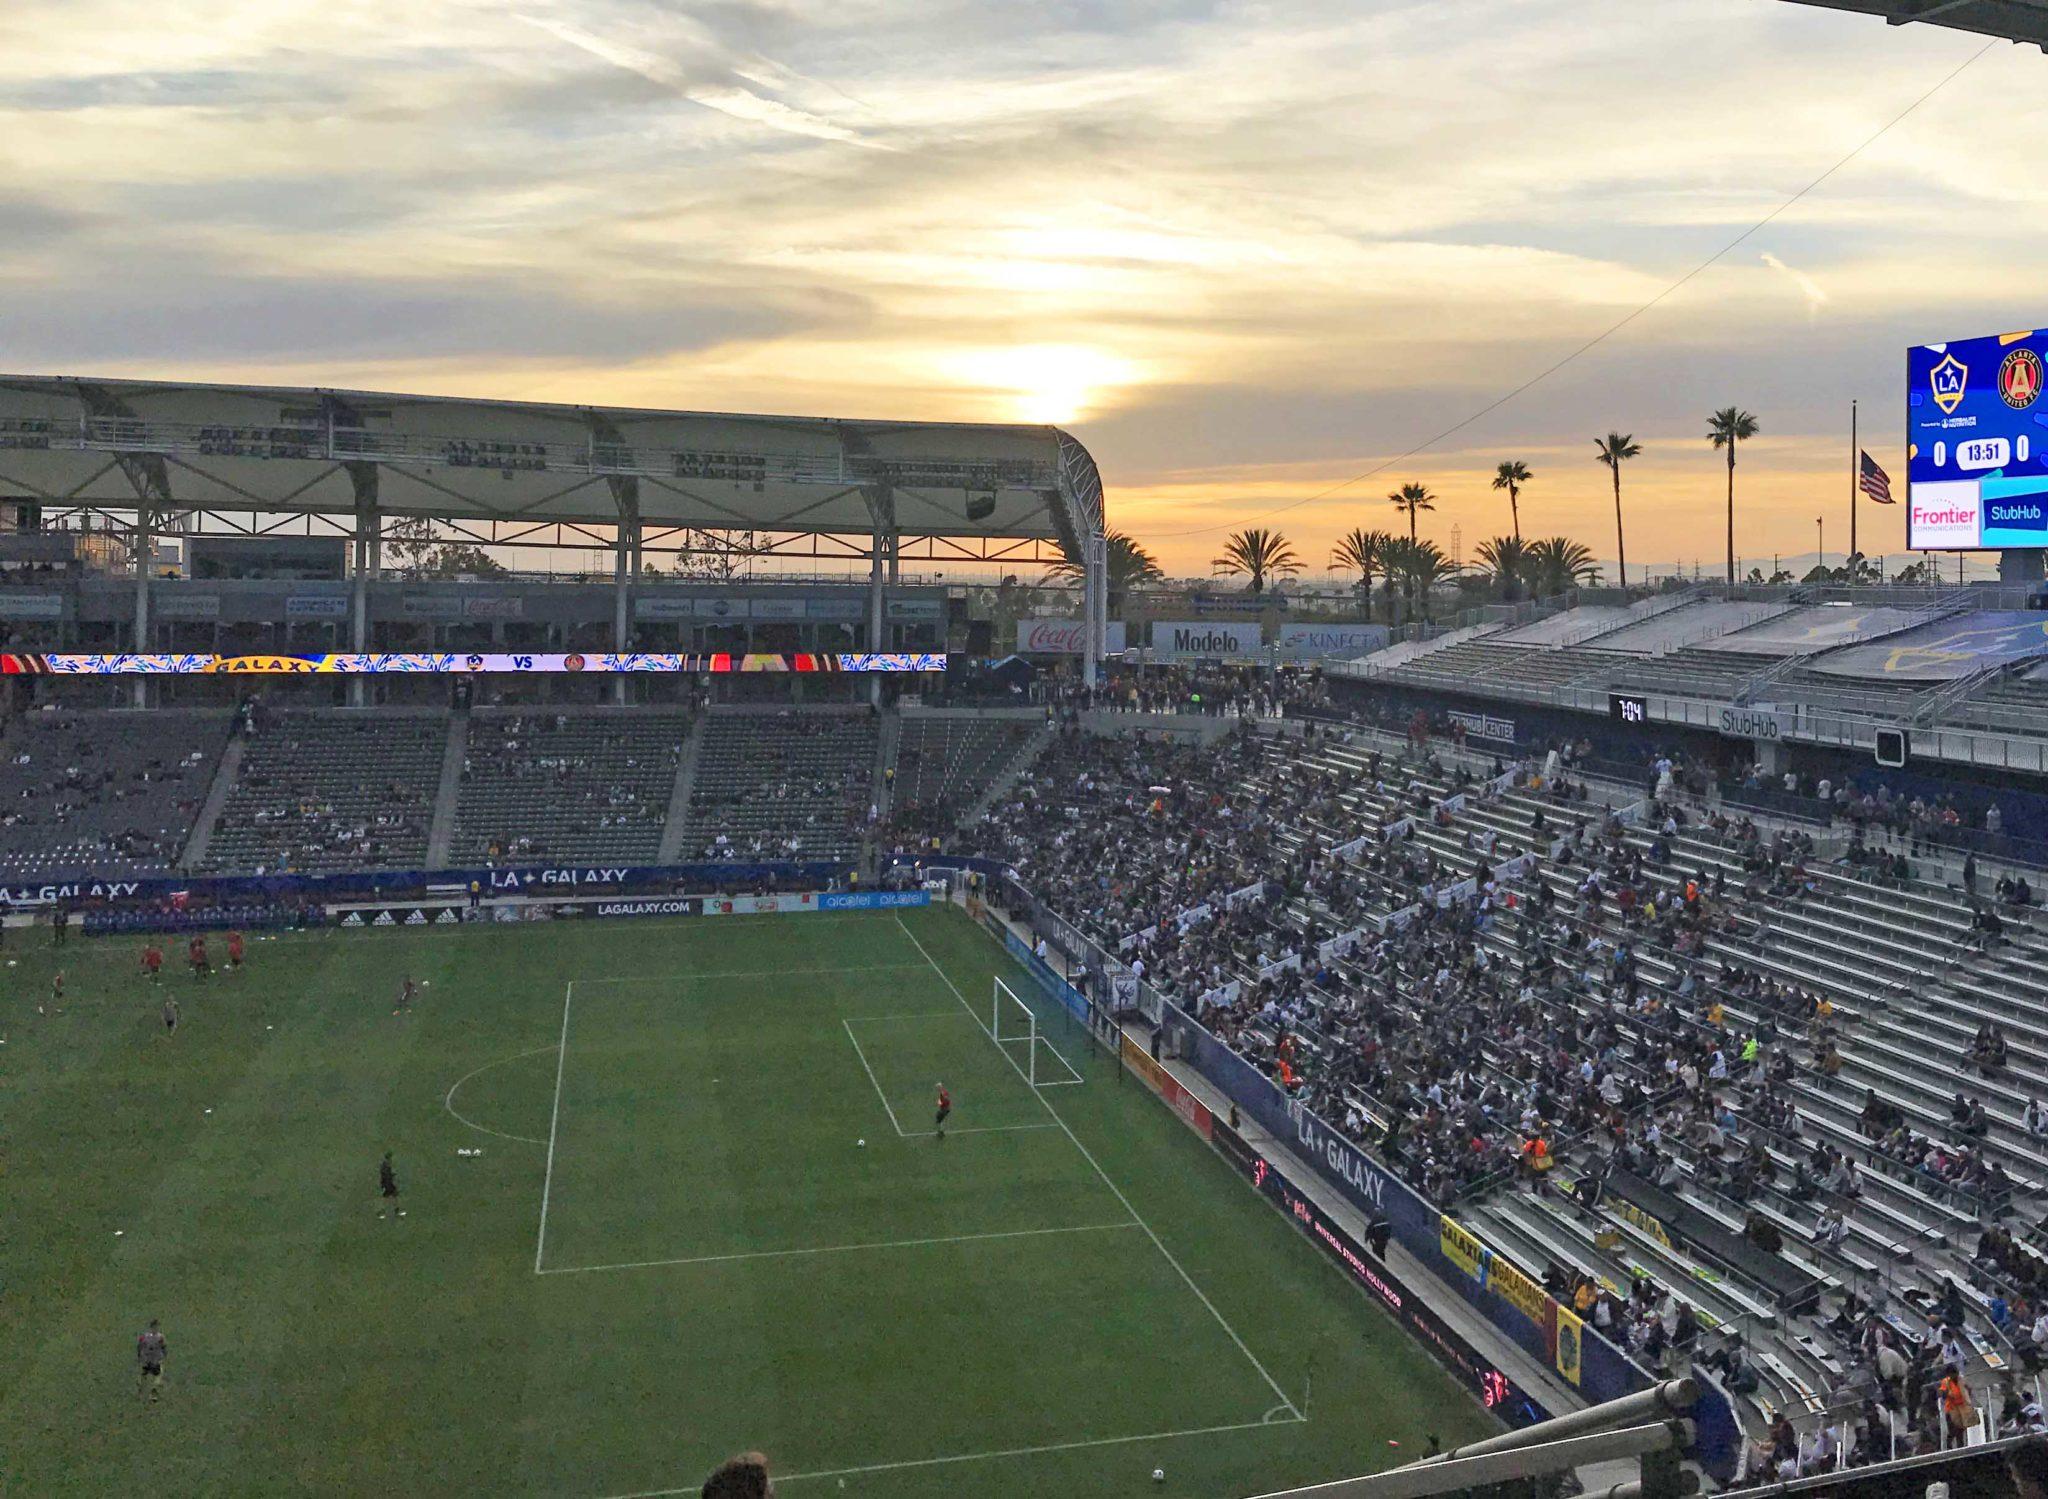 LA Galaxy arena